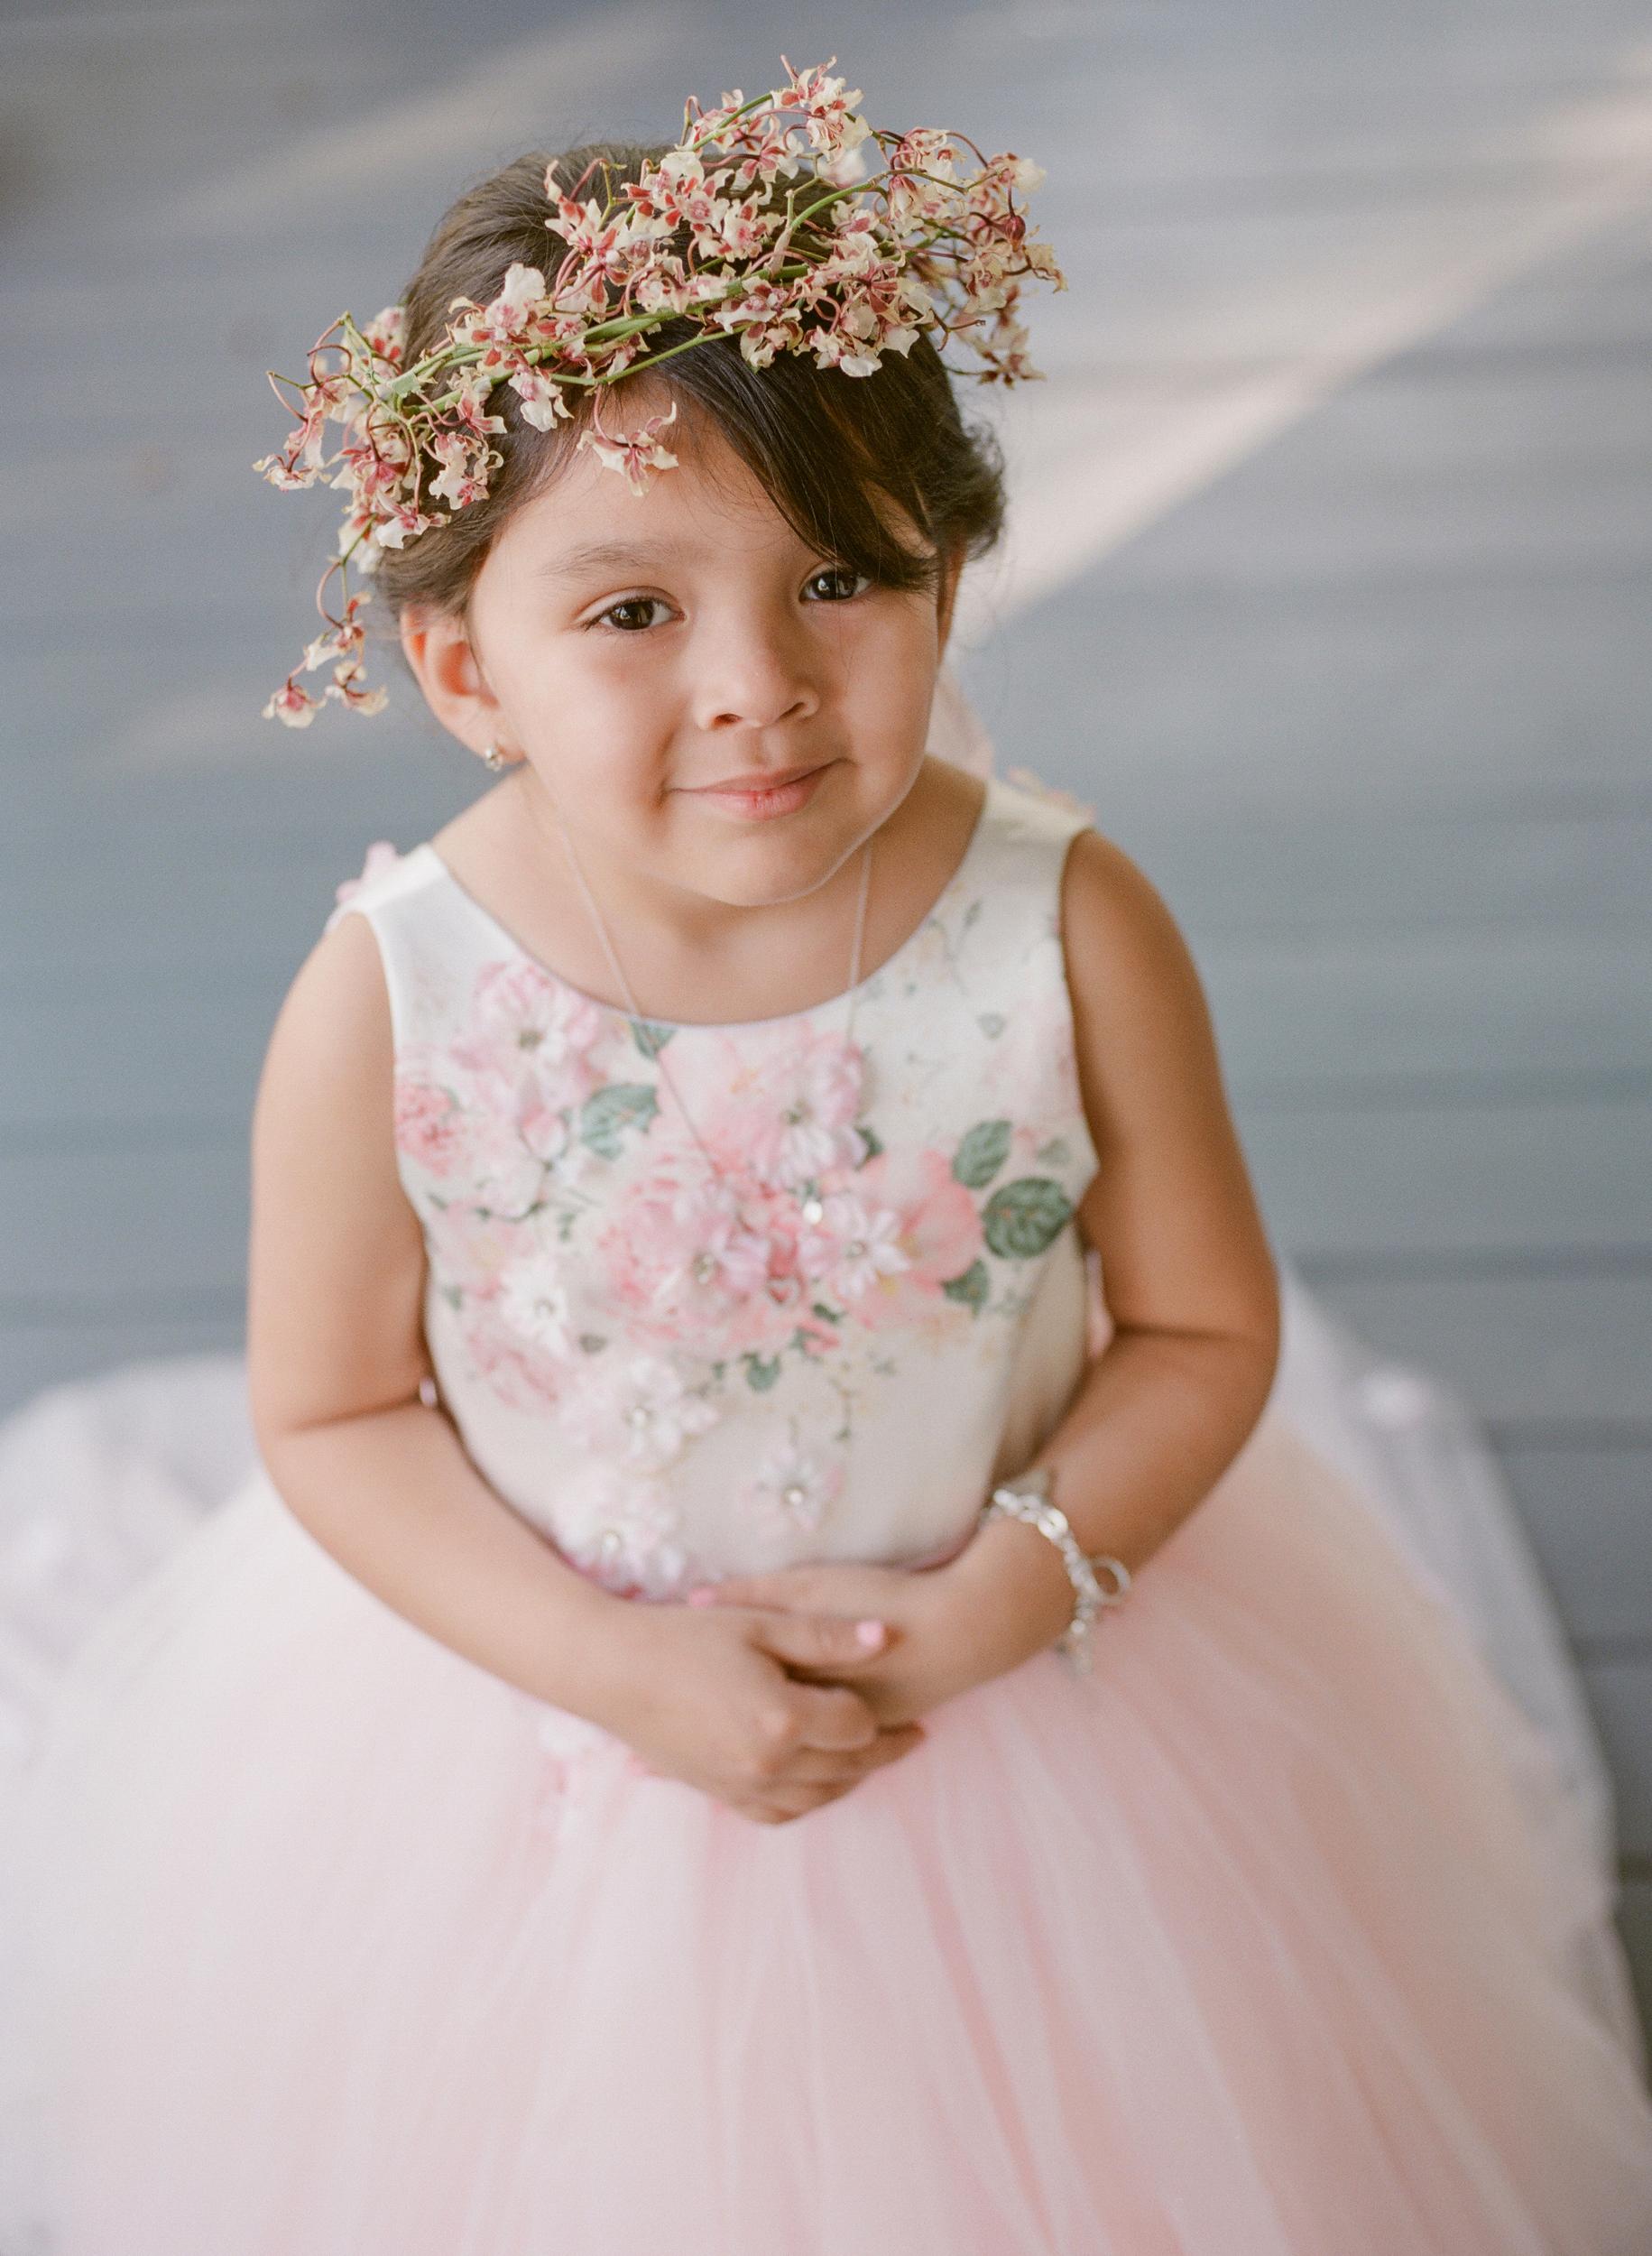 suzanne joseph wedding flower girl corbin gurkin